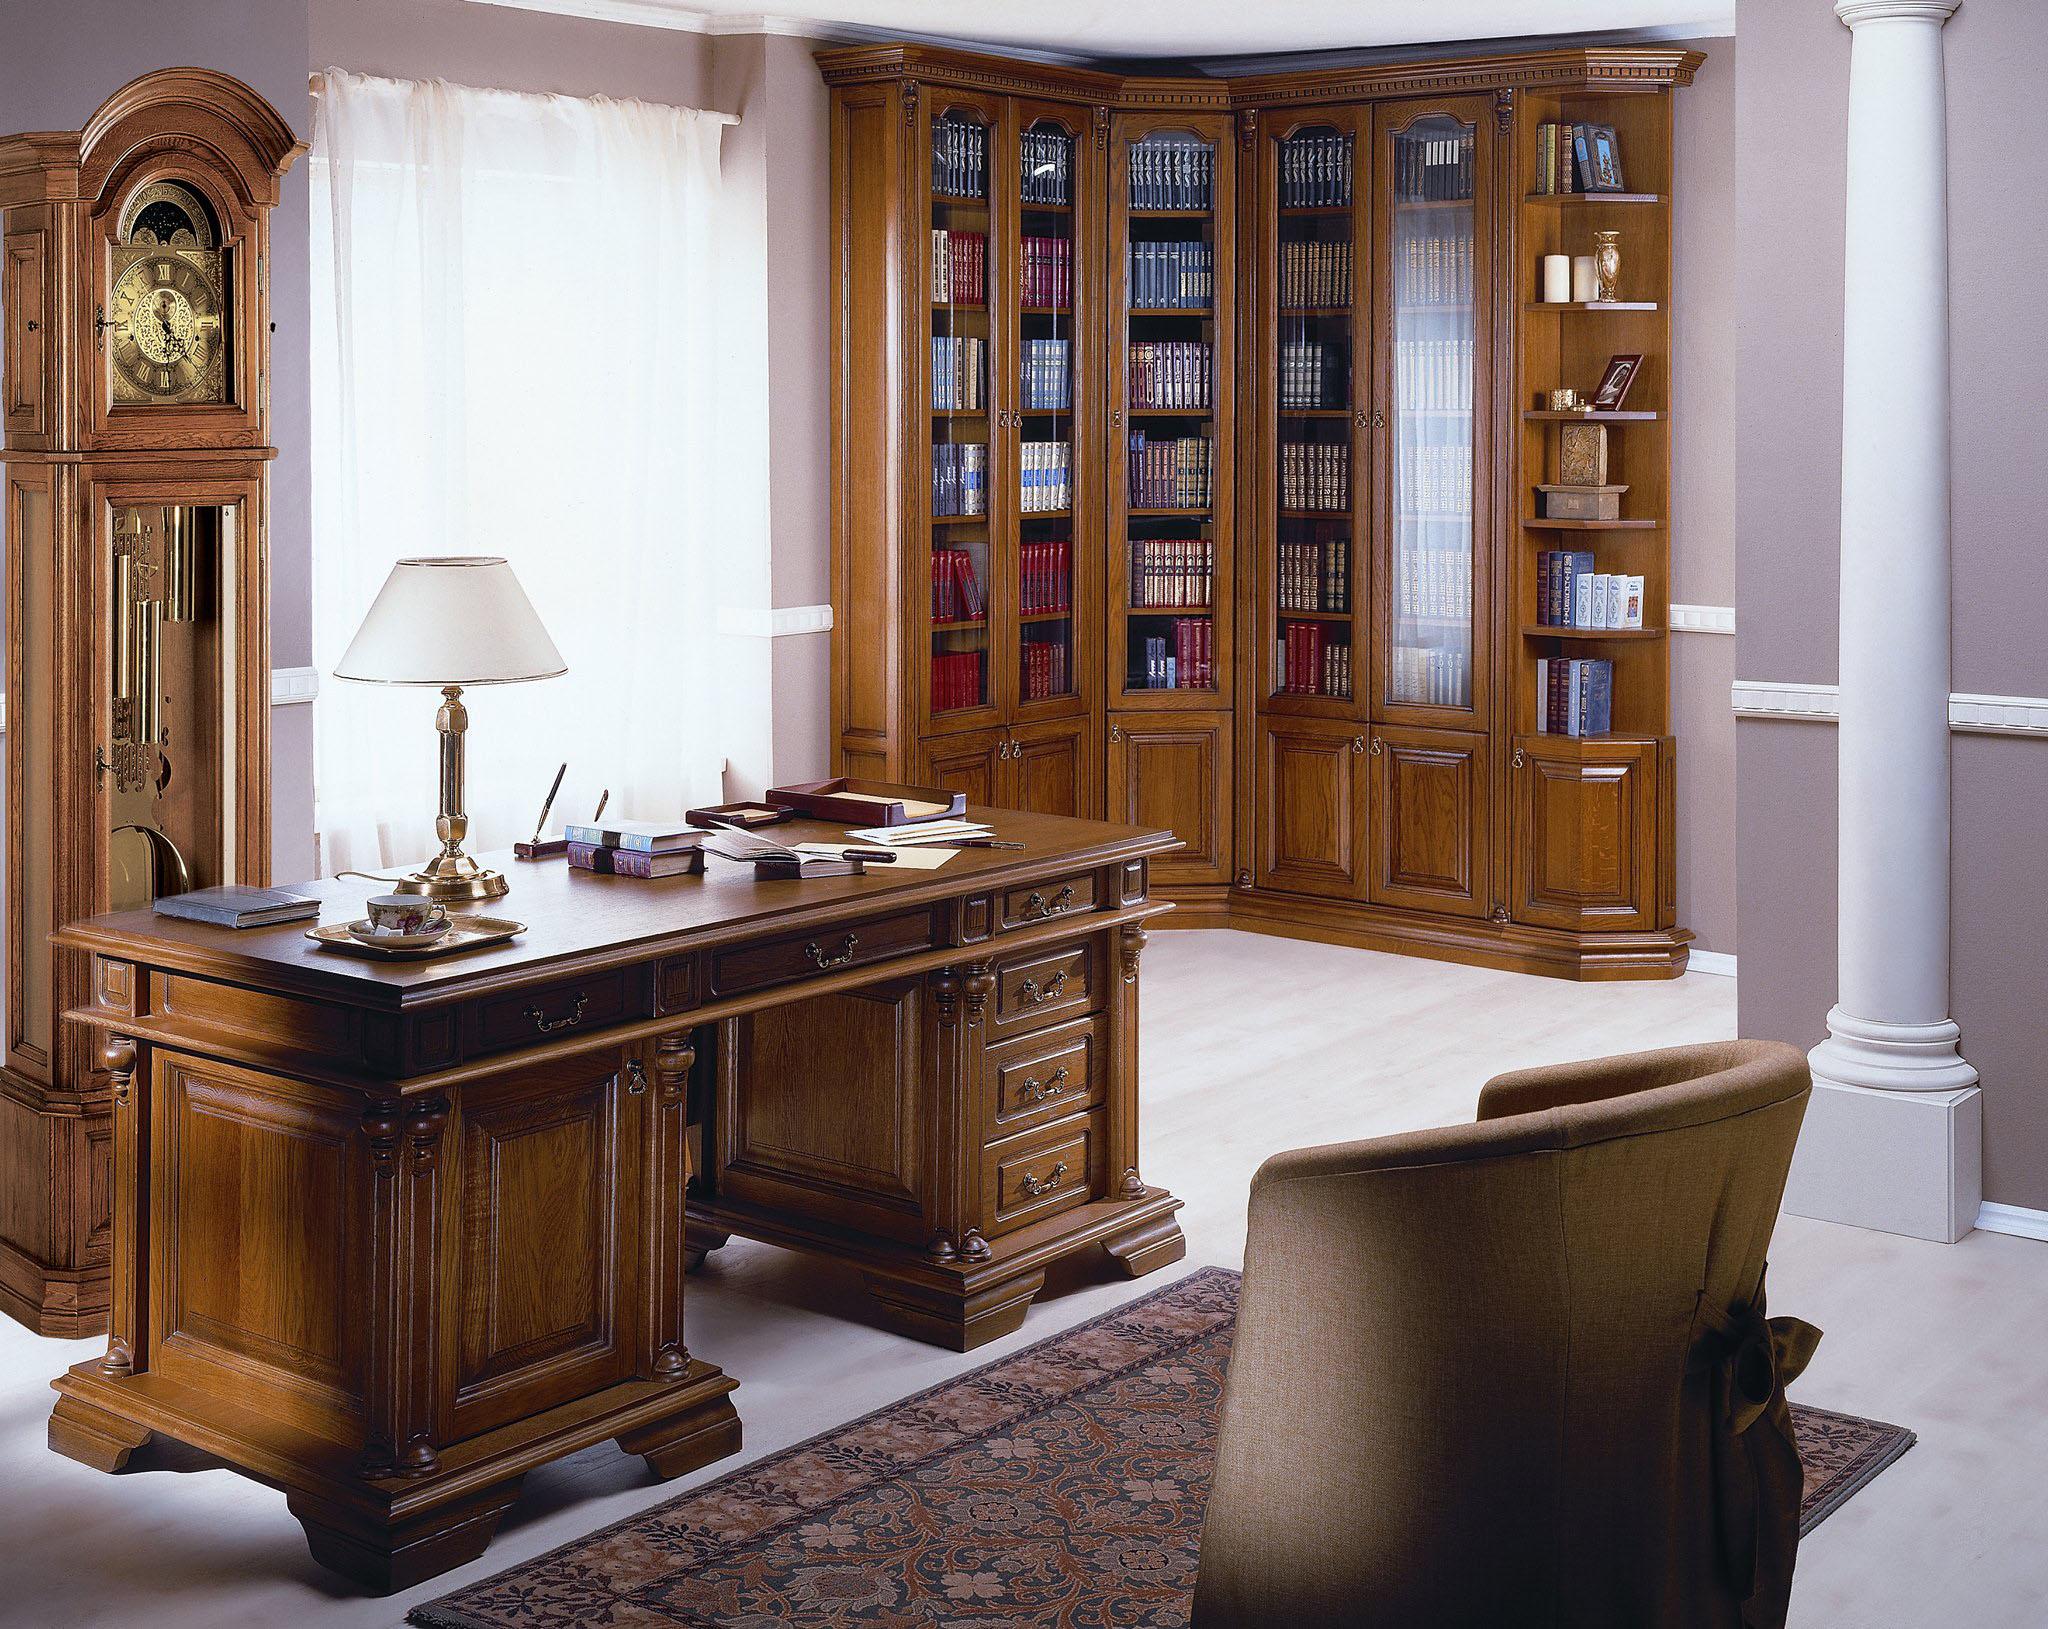 Библиотека угловая для кабинета - купить в интернет-магазине.